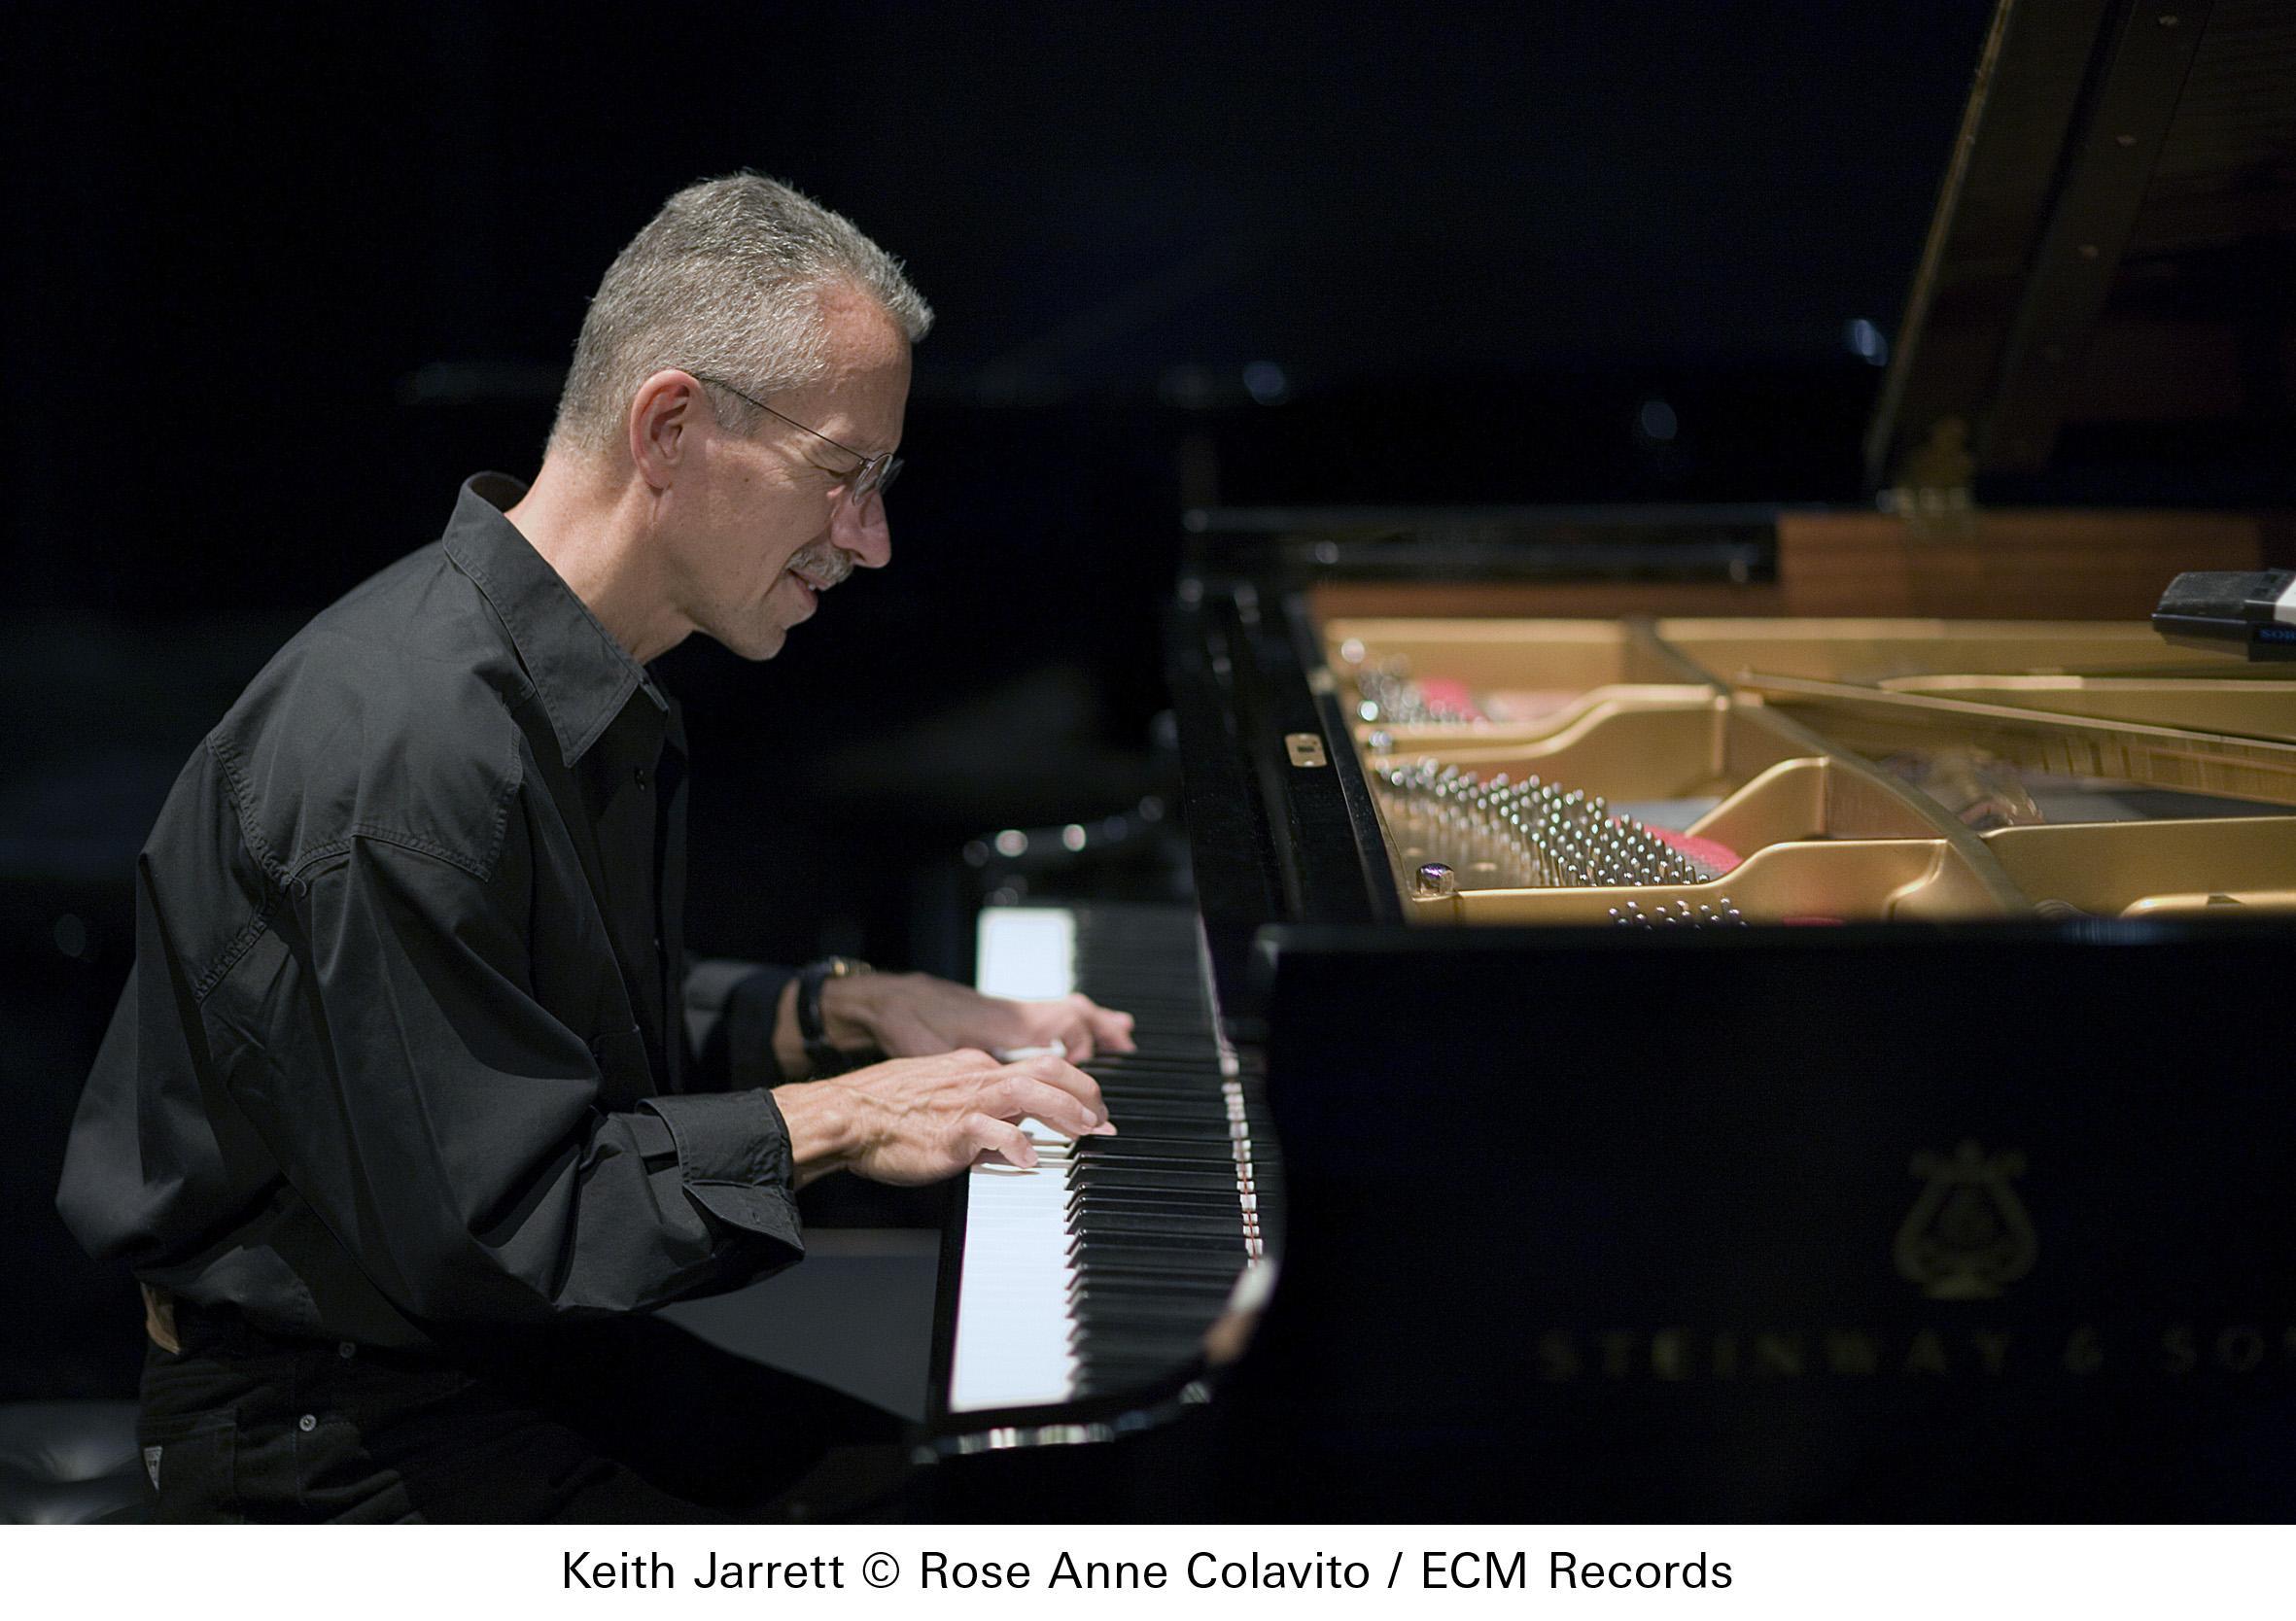 Αποτέλεσμα εικόνας για Keith Jarrett